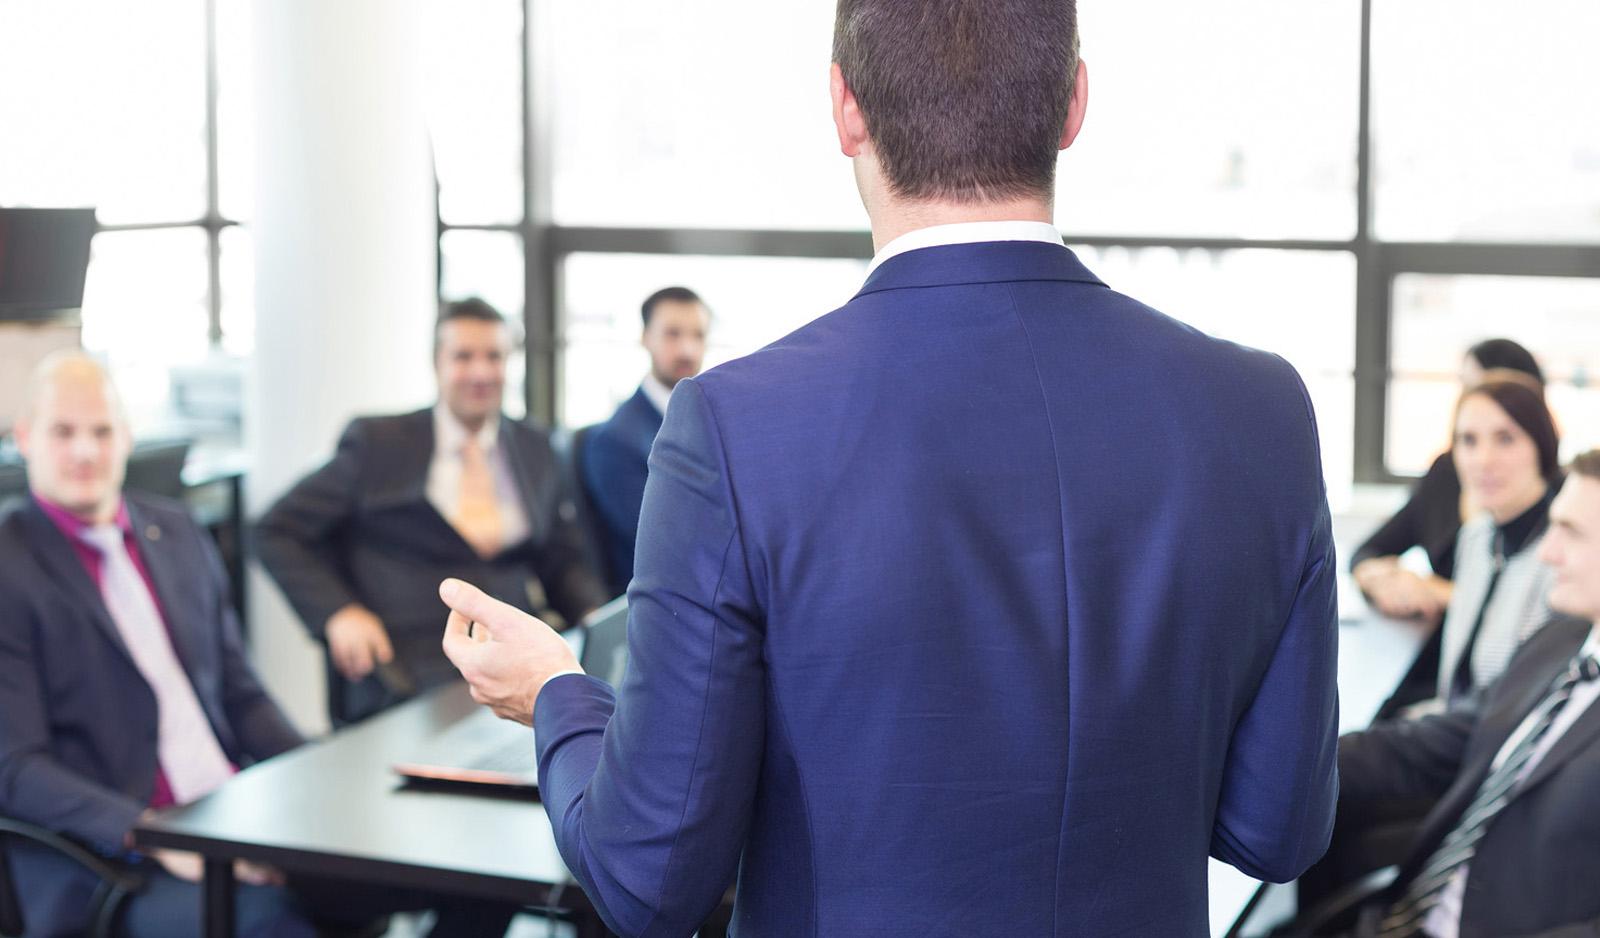 Führung Seminar - Mit motivierten Mitarbeitern zum Erfolg